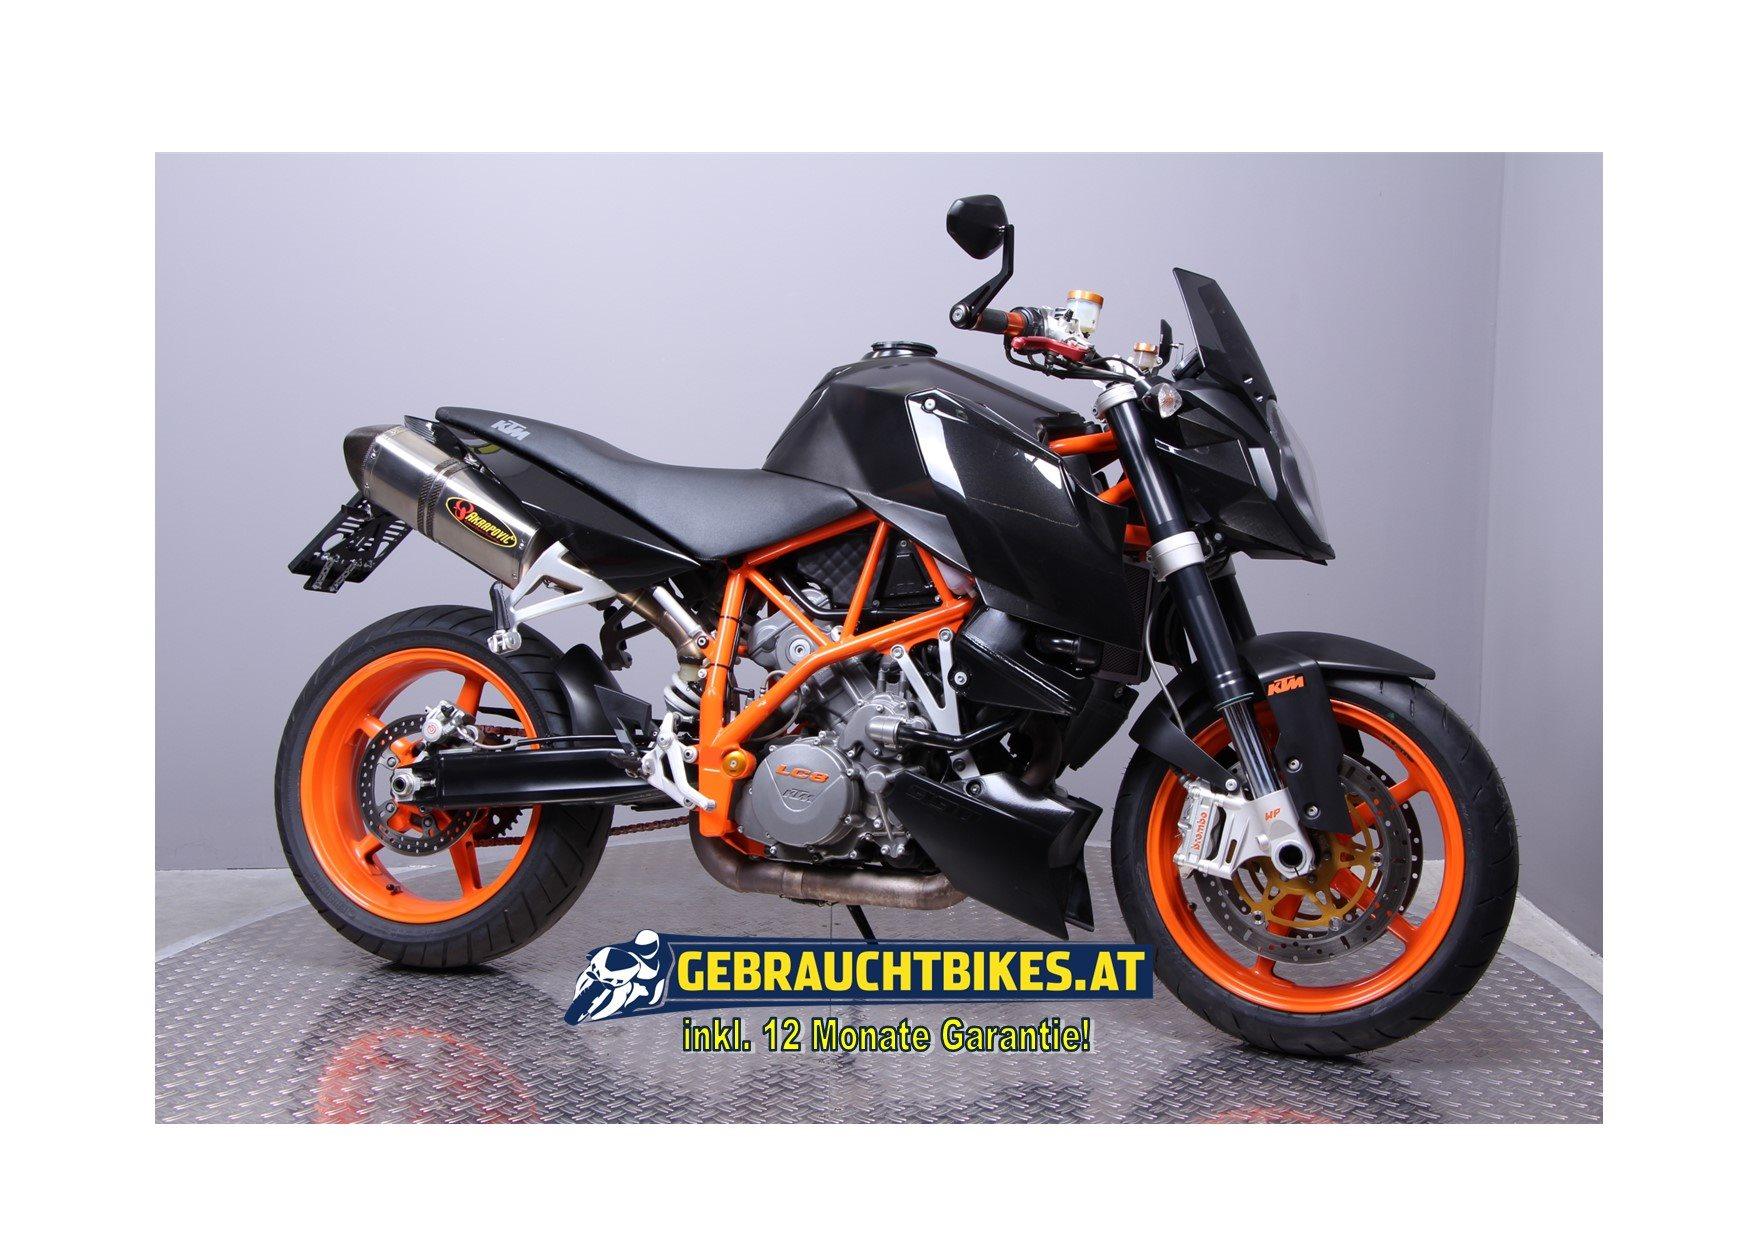 KTM 990 Super Duke R Motorrad, gebraucht